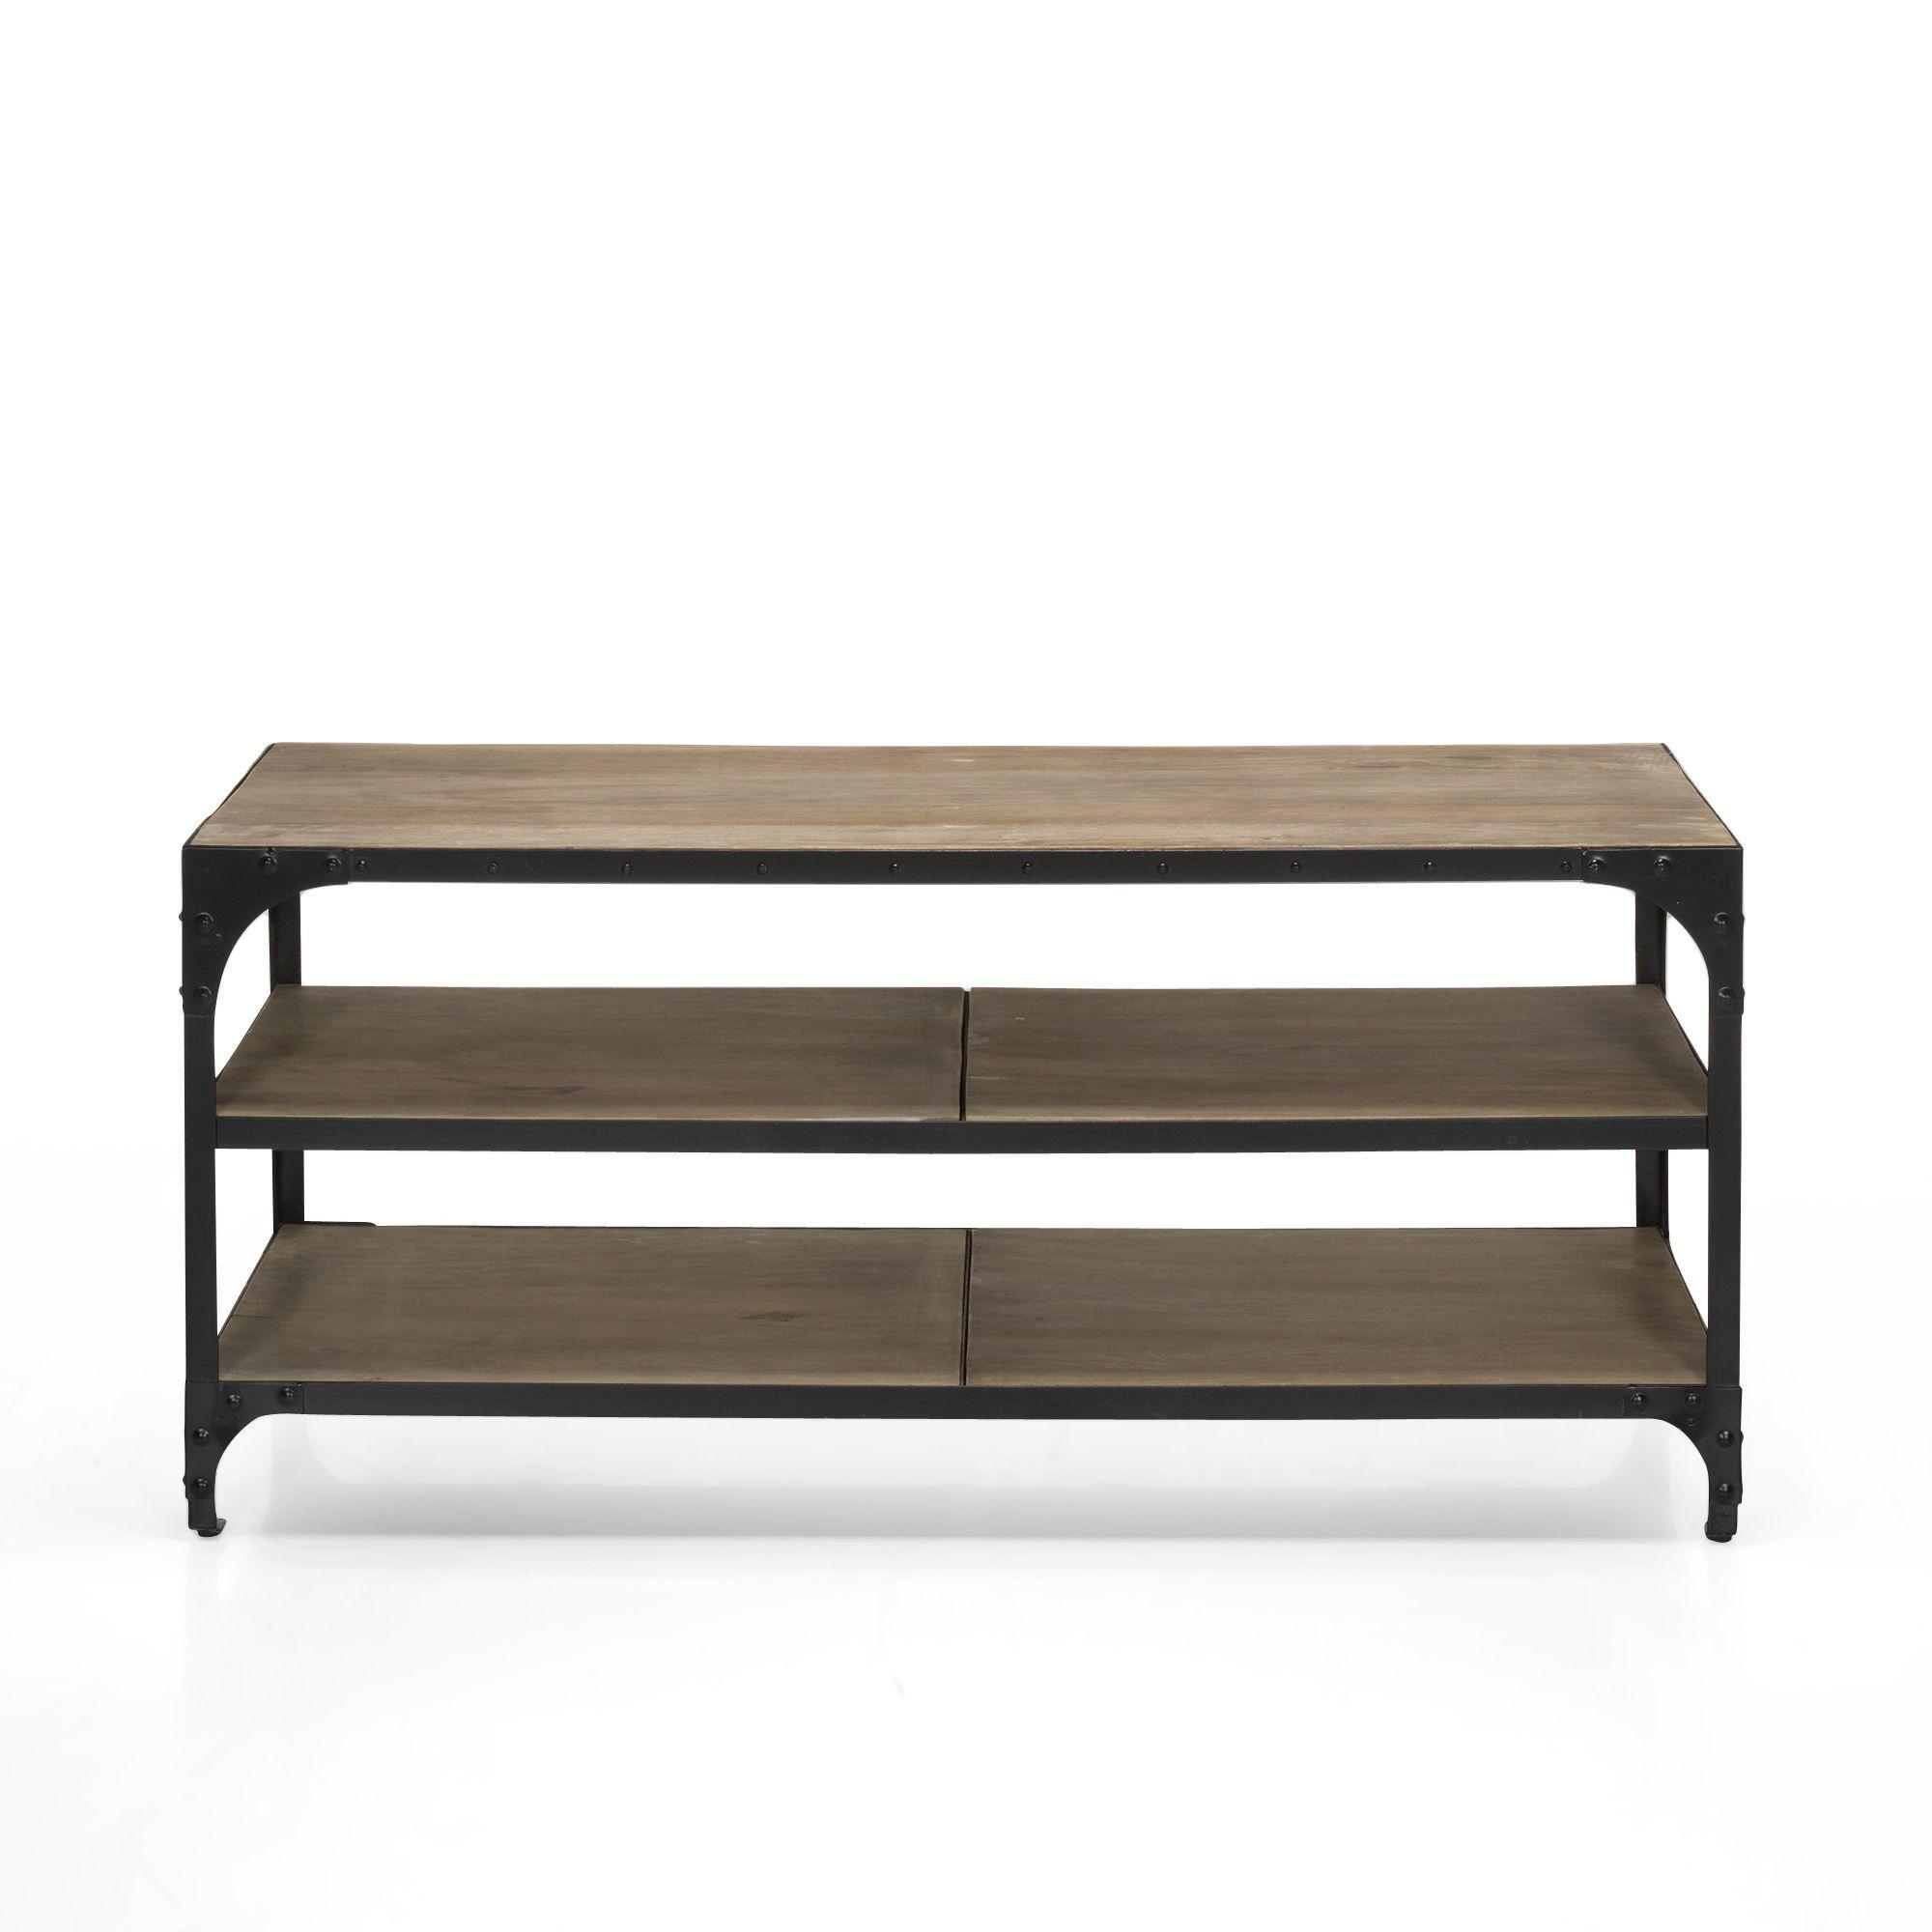 meuble tv style industriel mango et noir new ately les. Black Bedroom Furniture Sets. Home Design Ideas